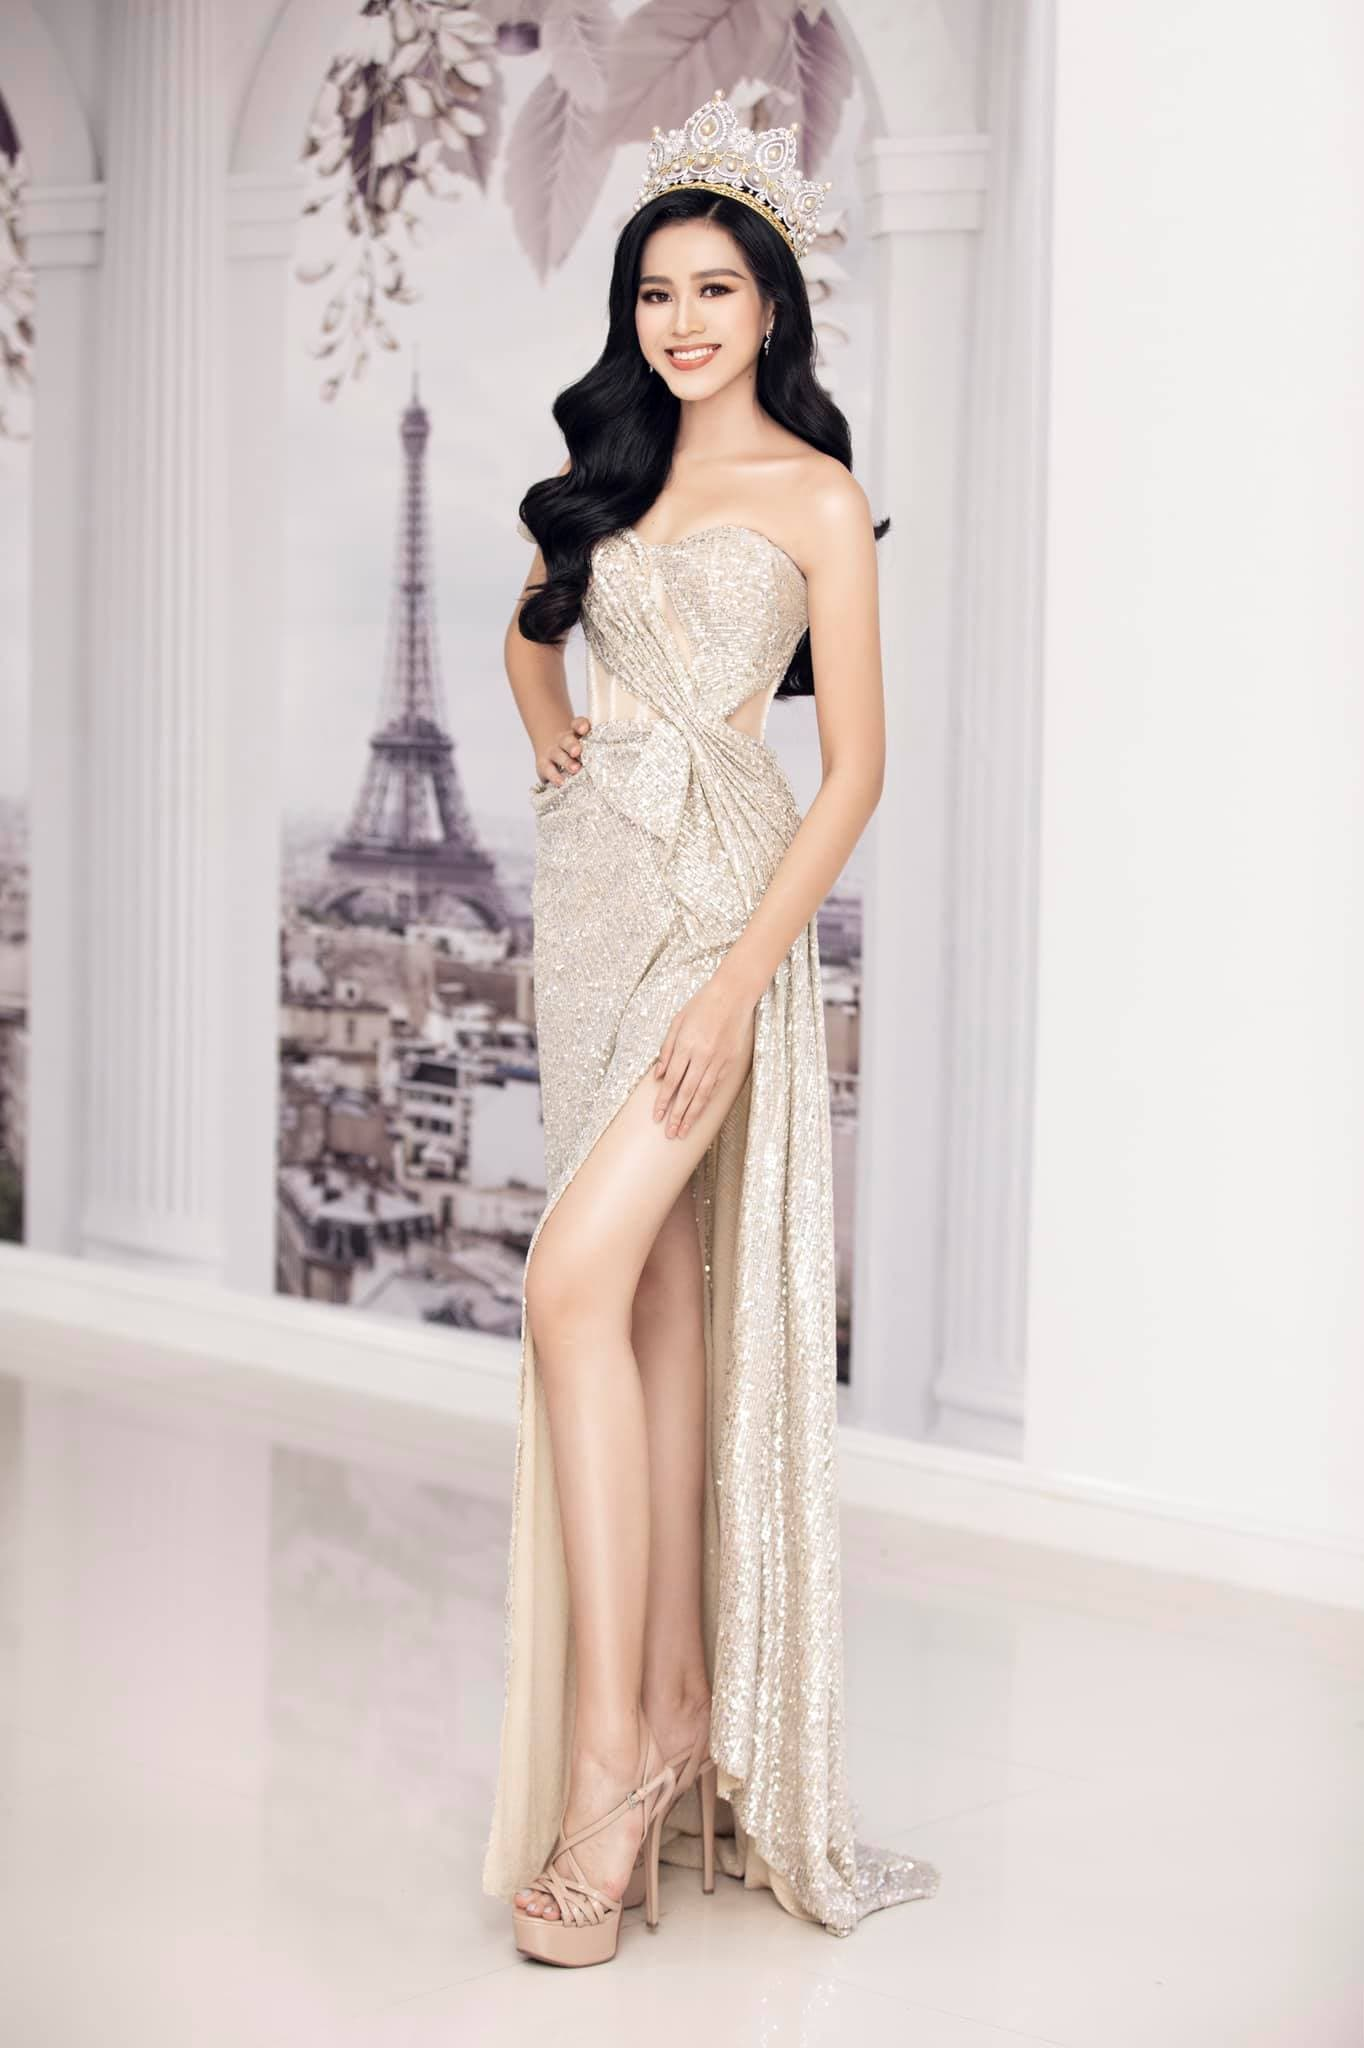 HH Đỗ Thị Hà luôn khoe đôi chân dài 1m11 và tỷ lệ 1/5 cực phẩm nhờ một kiểu váy đỉnh của chóp - Ảnh 6.